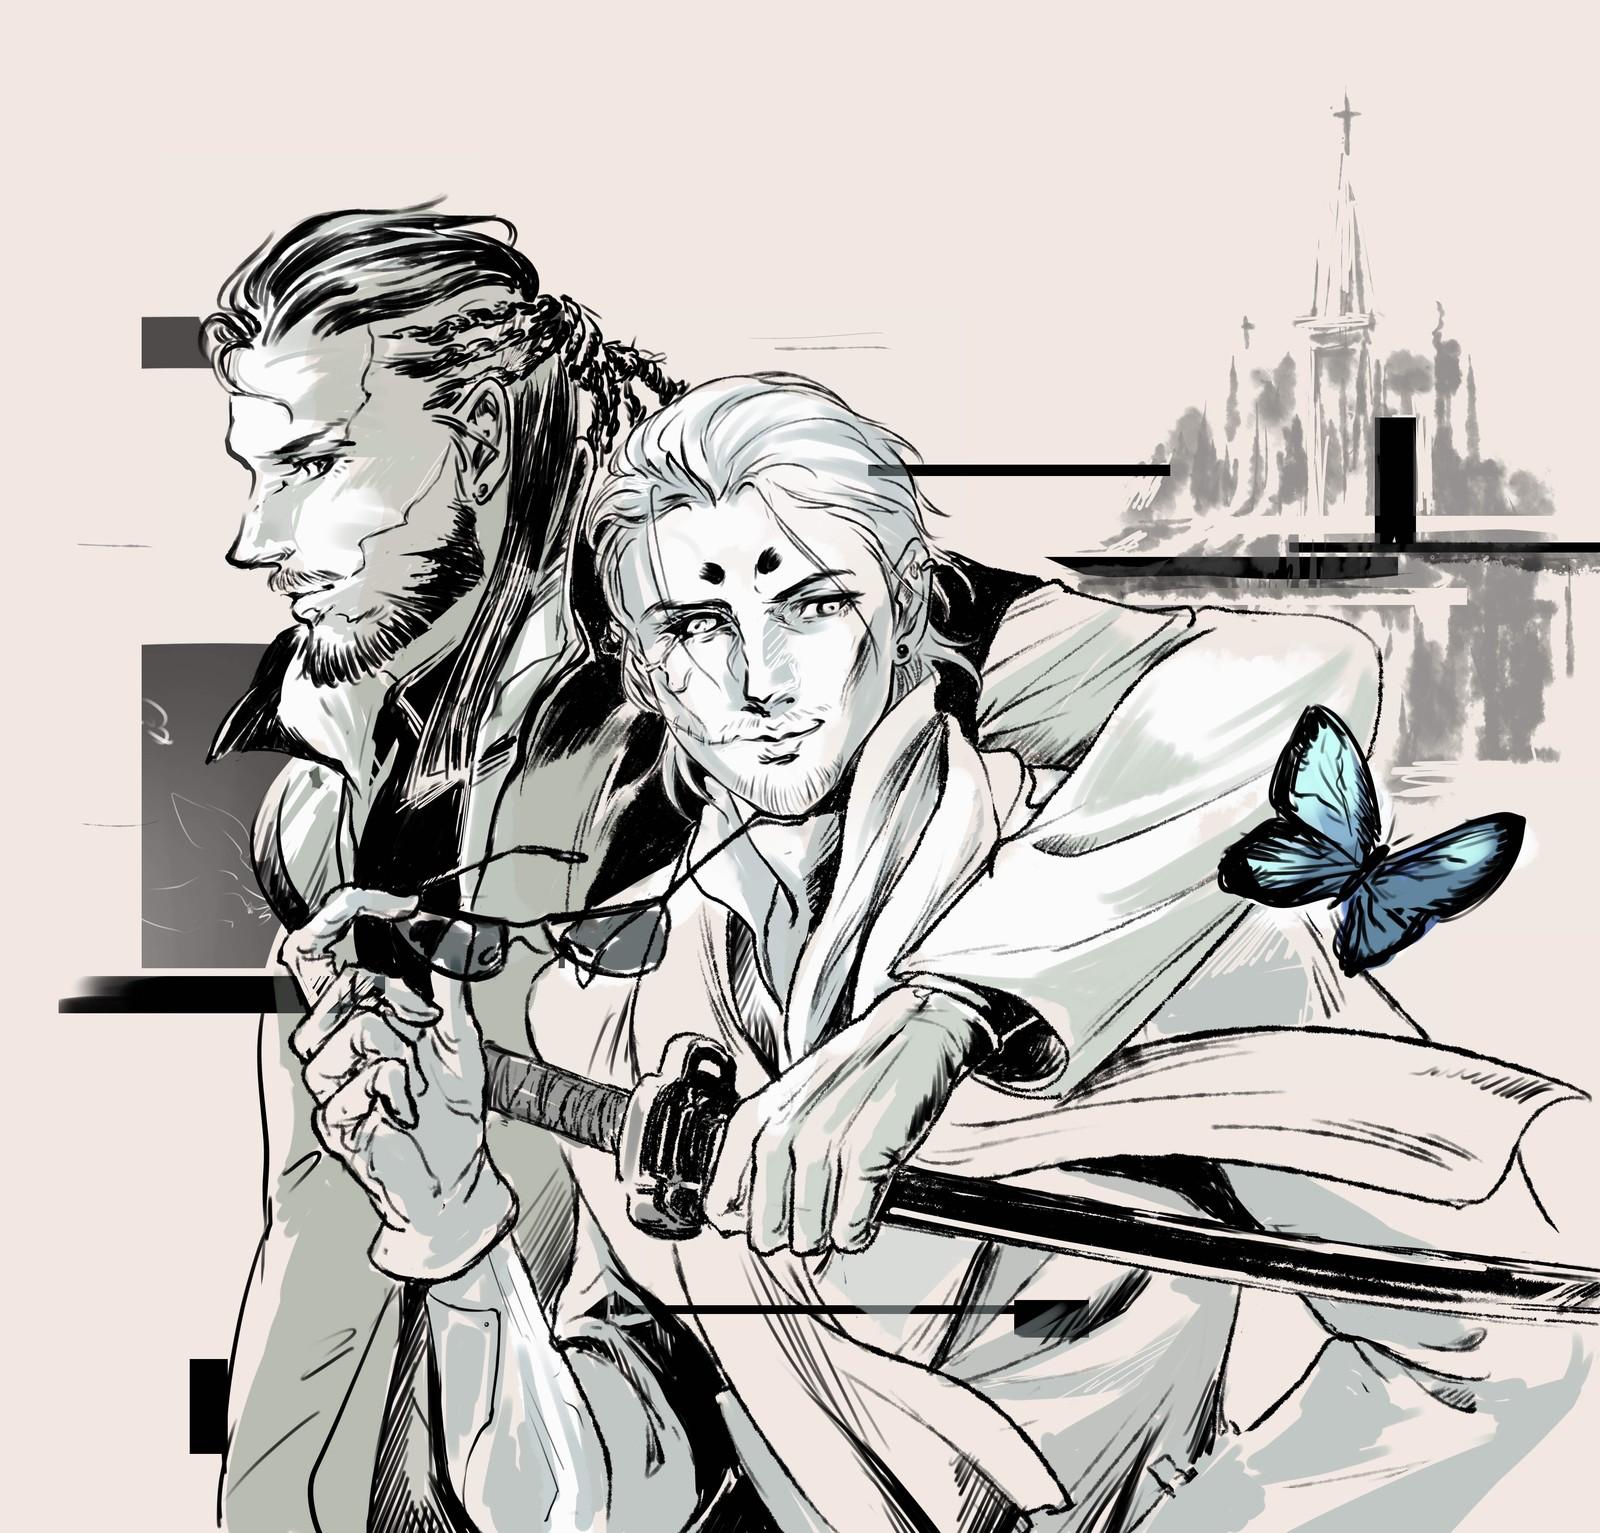 Leo and Ken